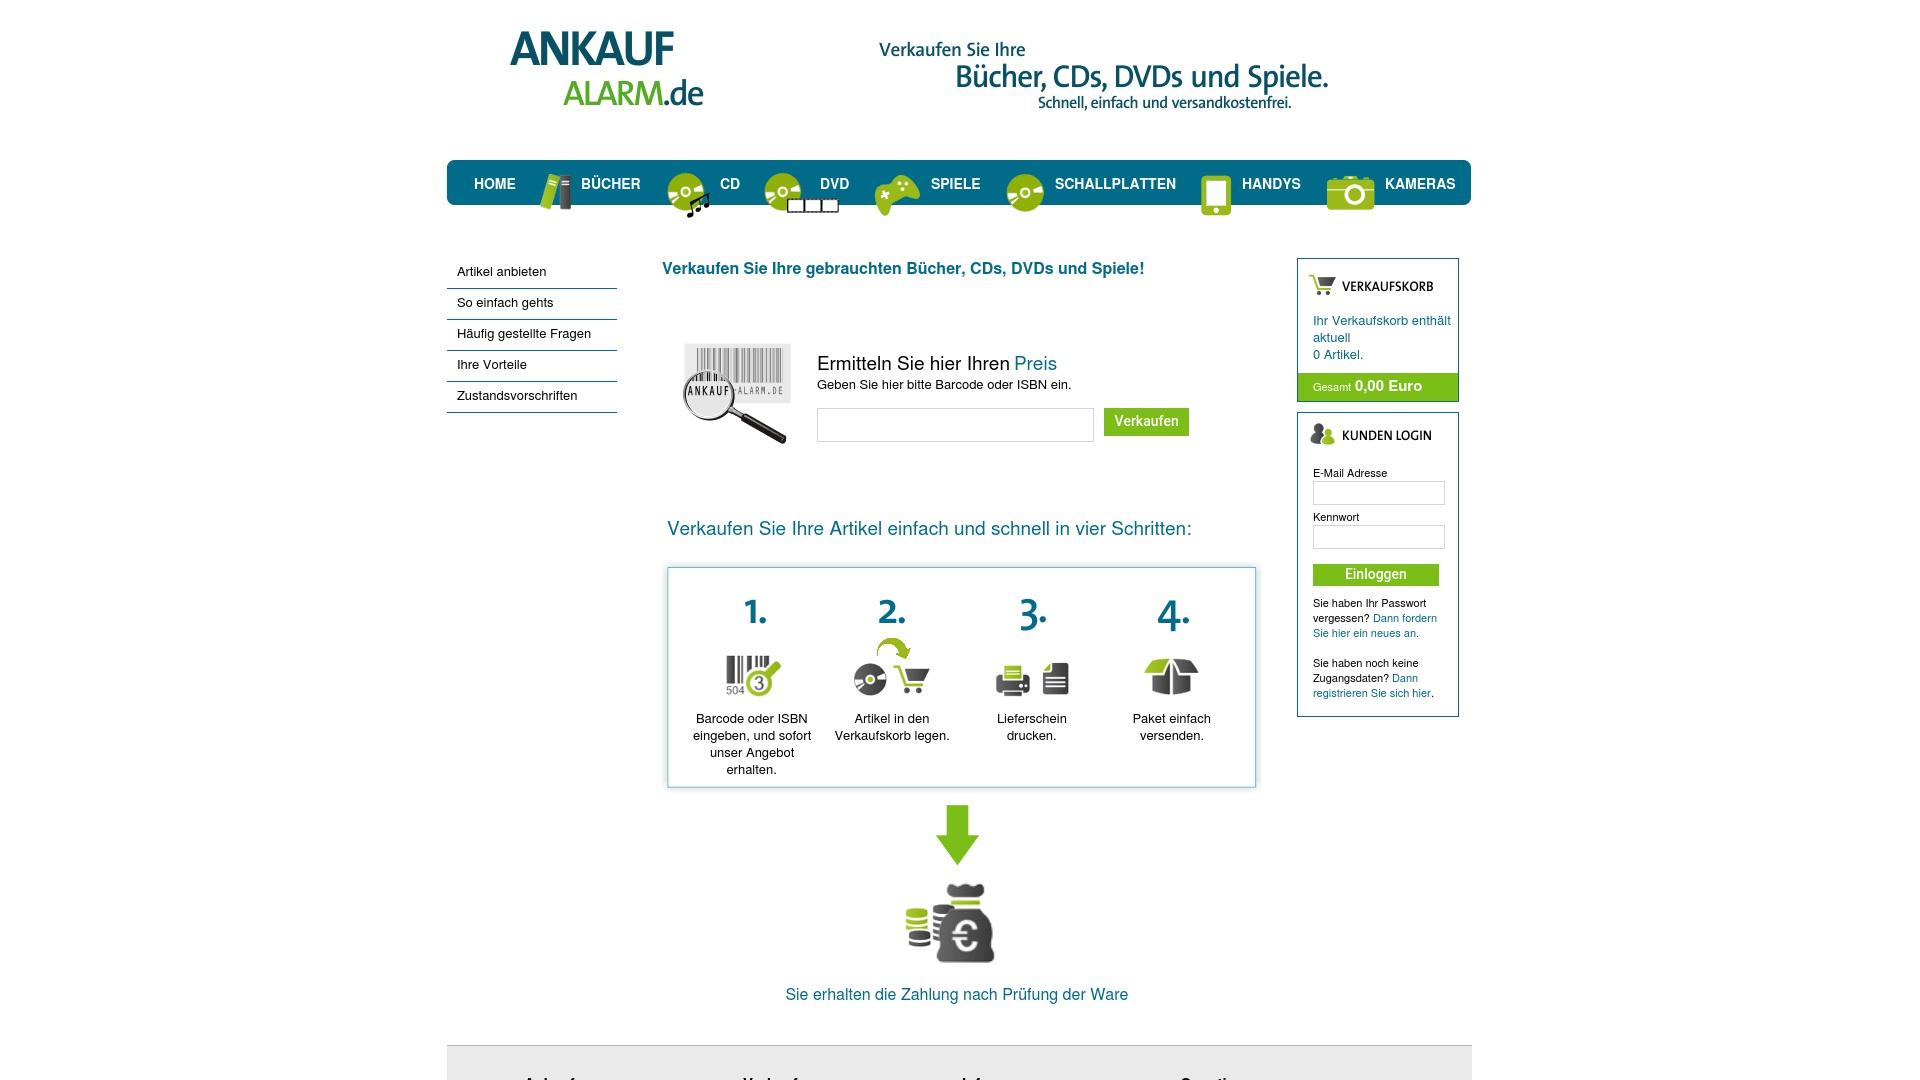 Gutschein für Ankaufalarm: Rabatte für  Ankaufalarm sichern